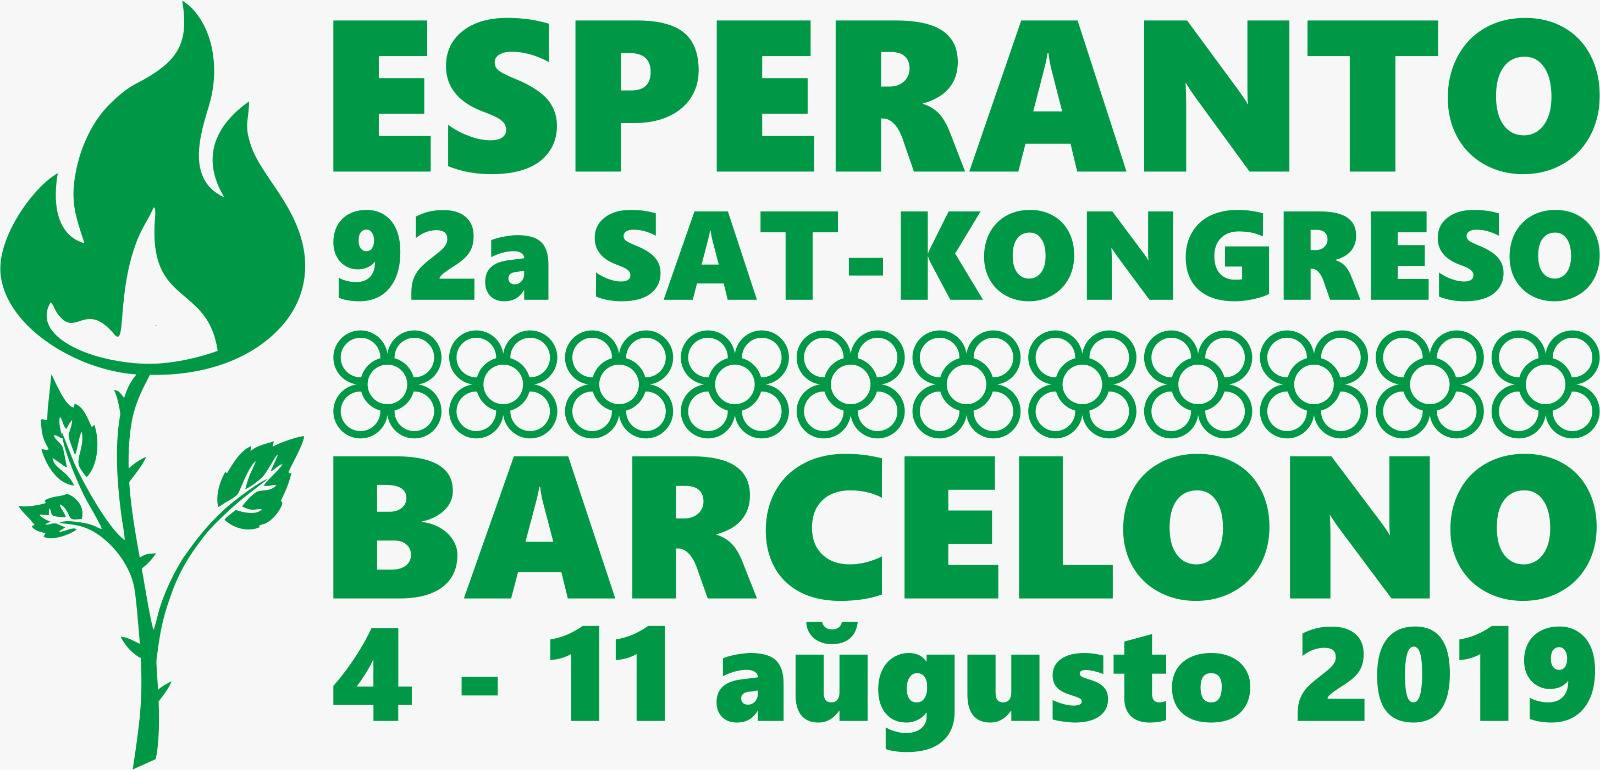 92ème congrès de SAT, Barcelone (Catalogne/Espagne), 04-11 août 2019